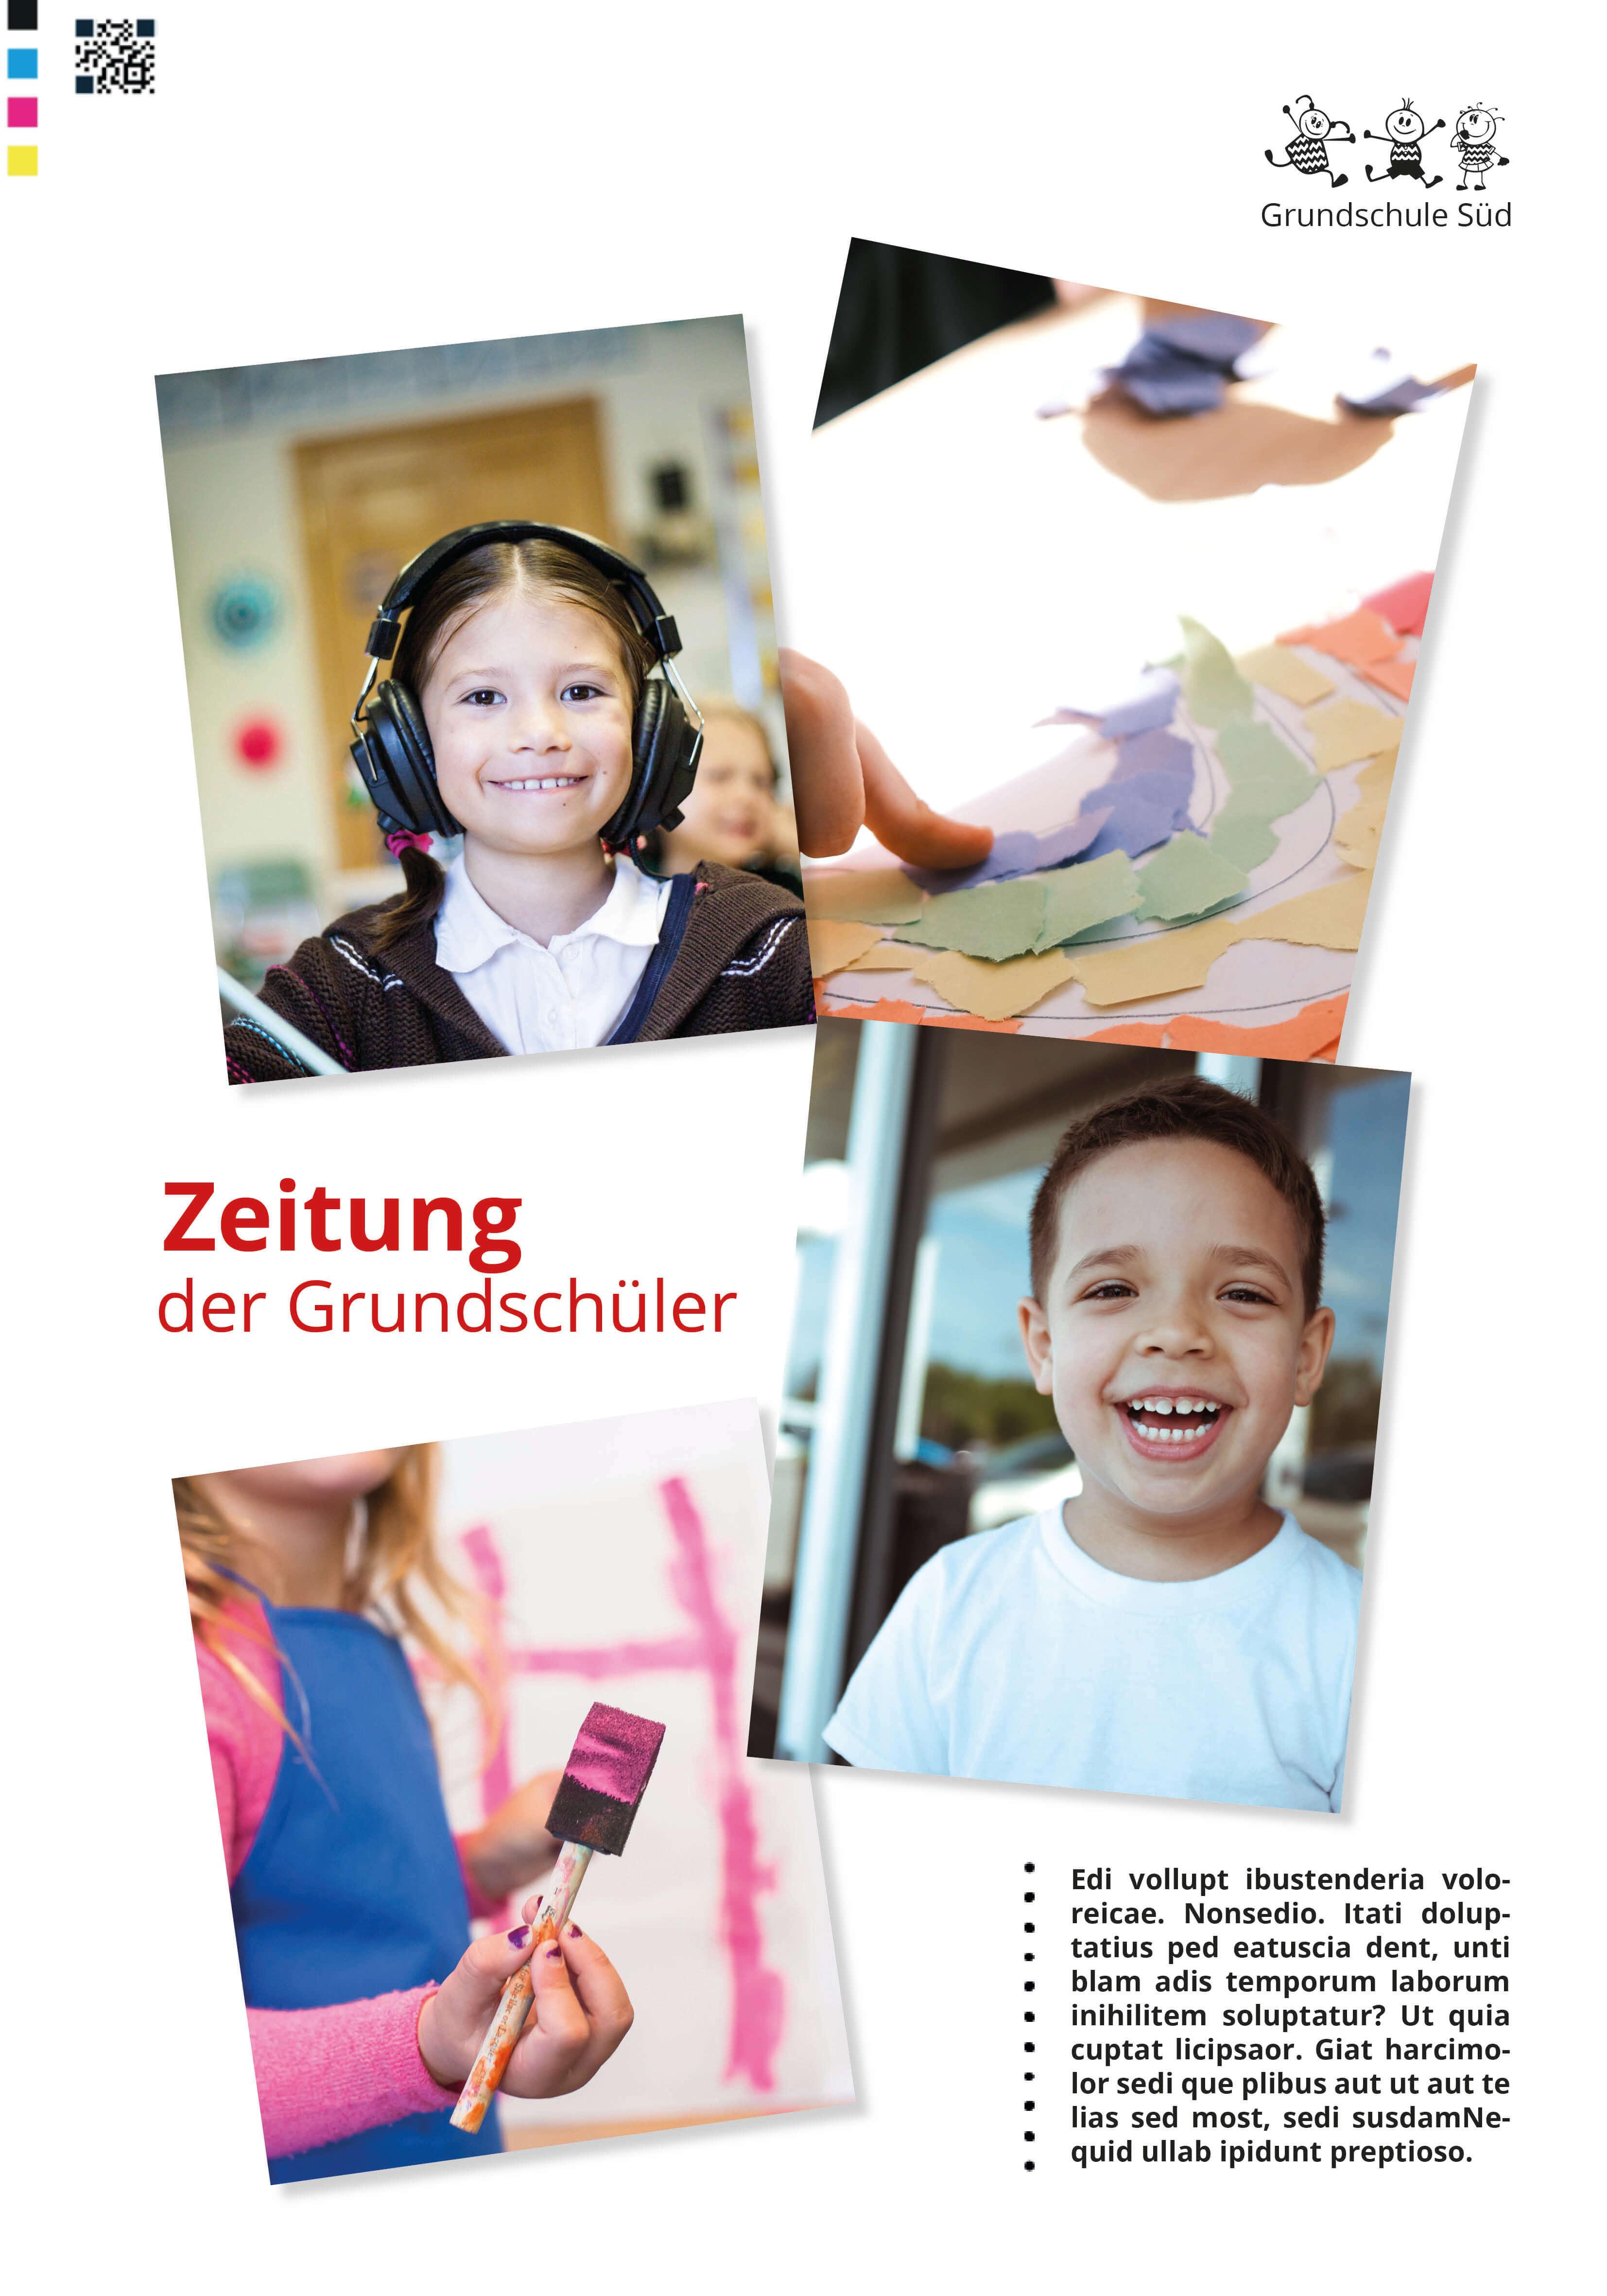 Titelseite für die Abschlusszeitung einer Grundschule